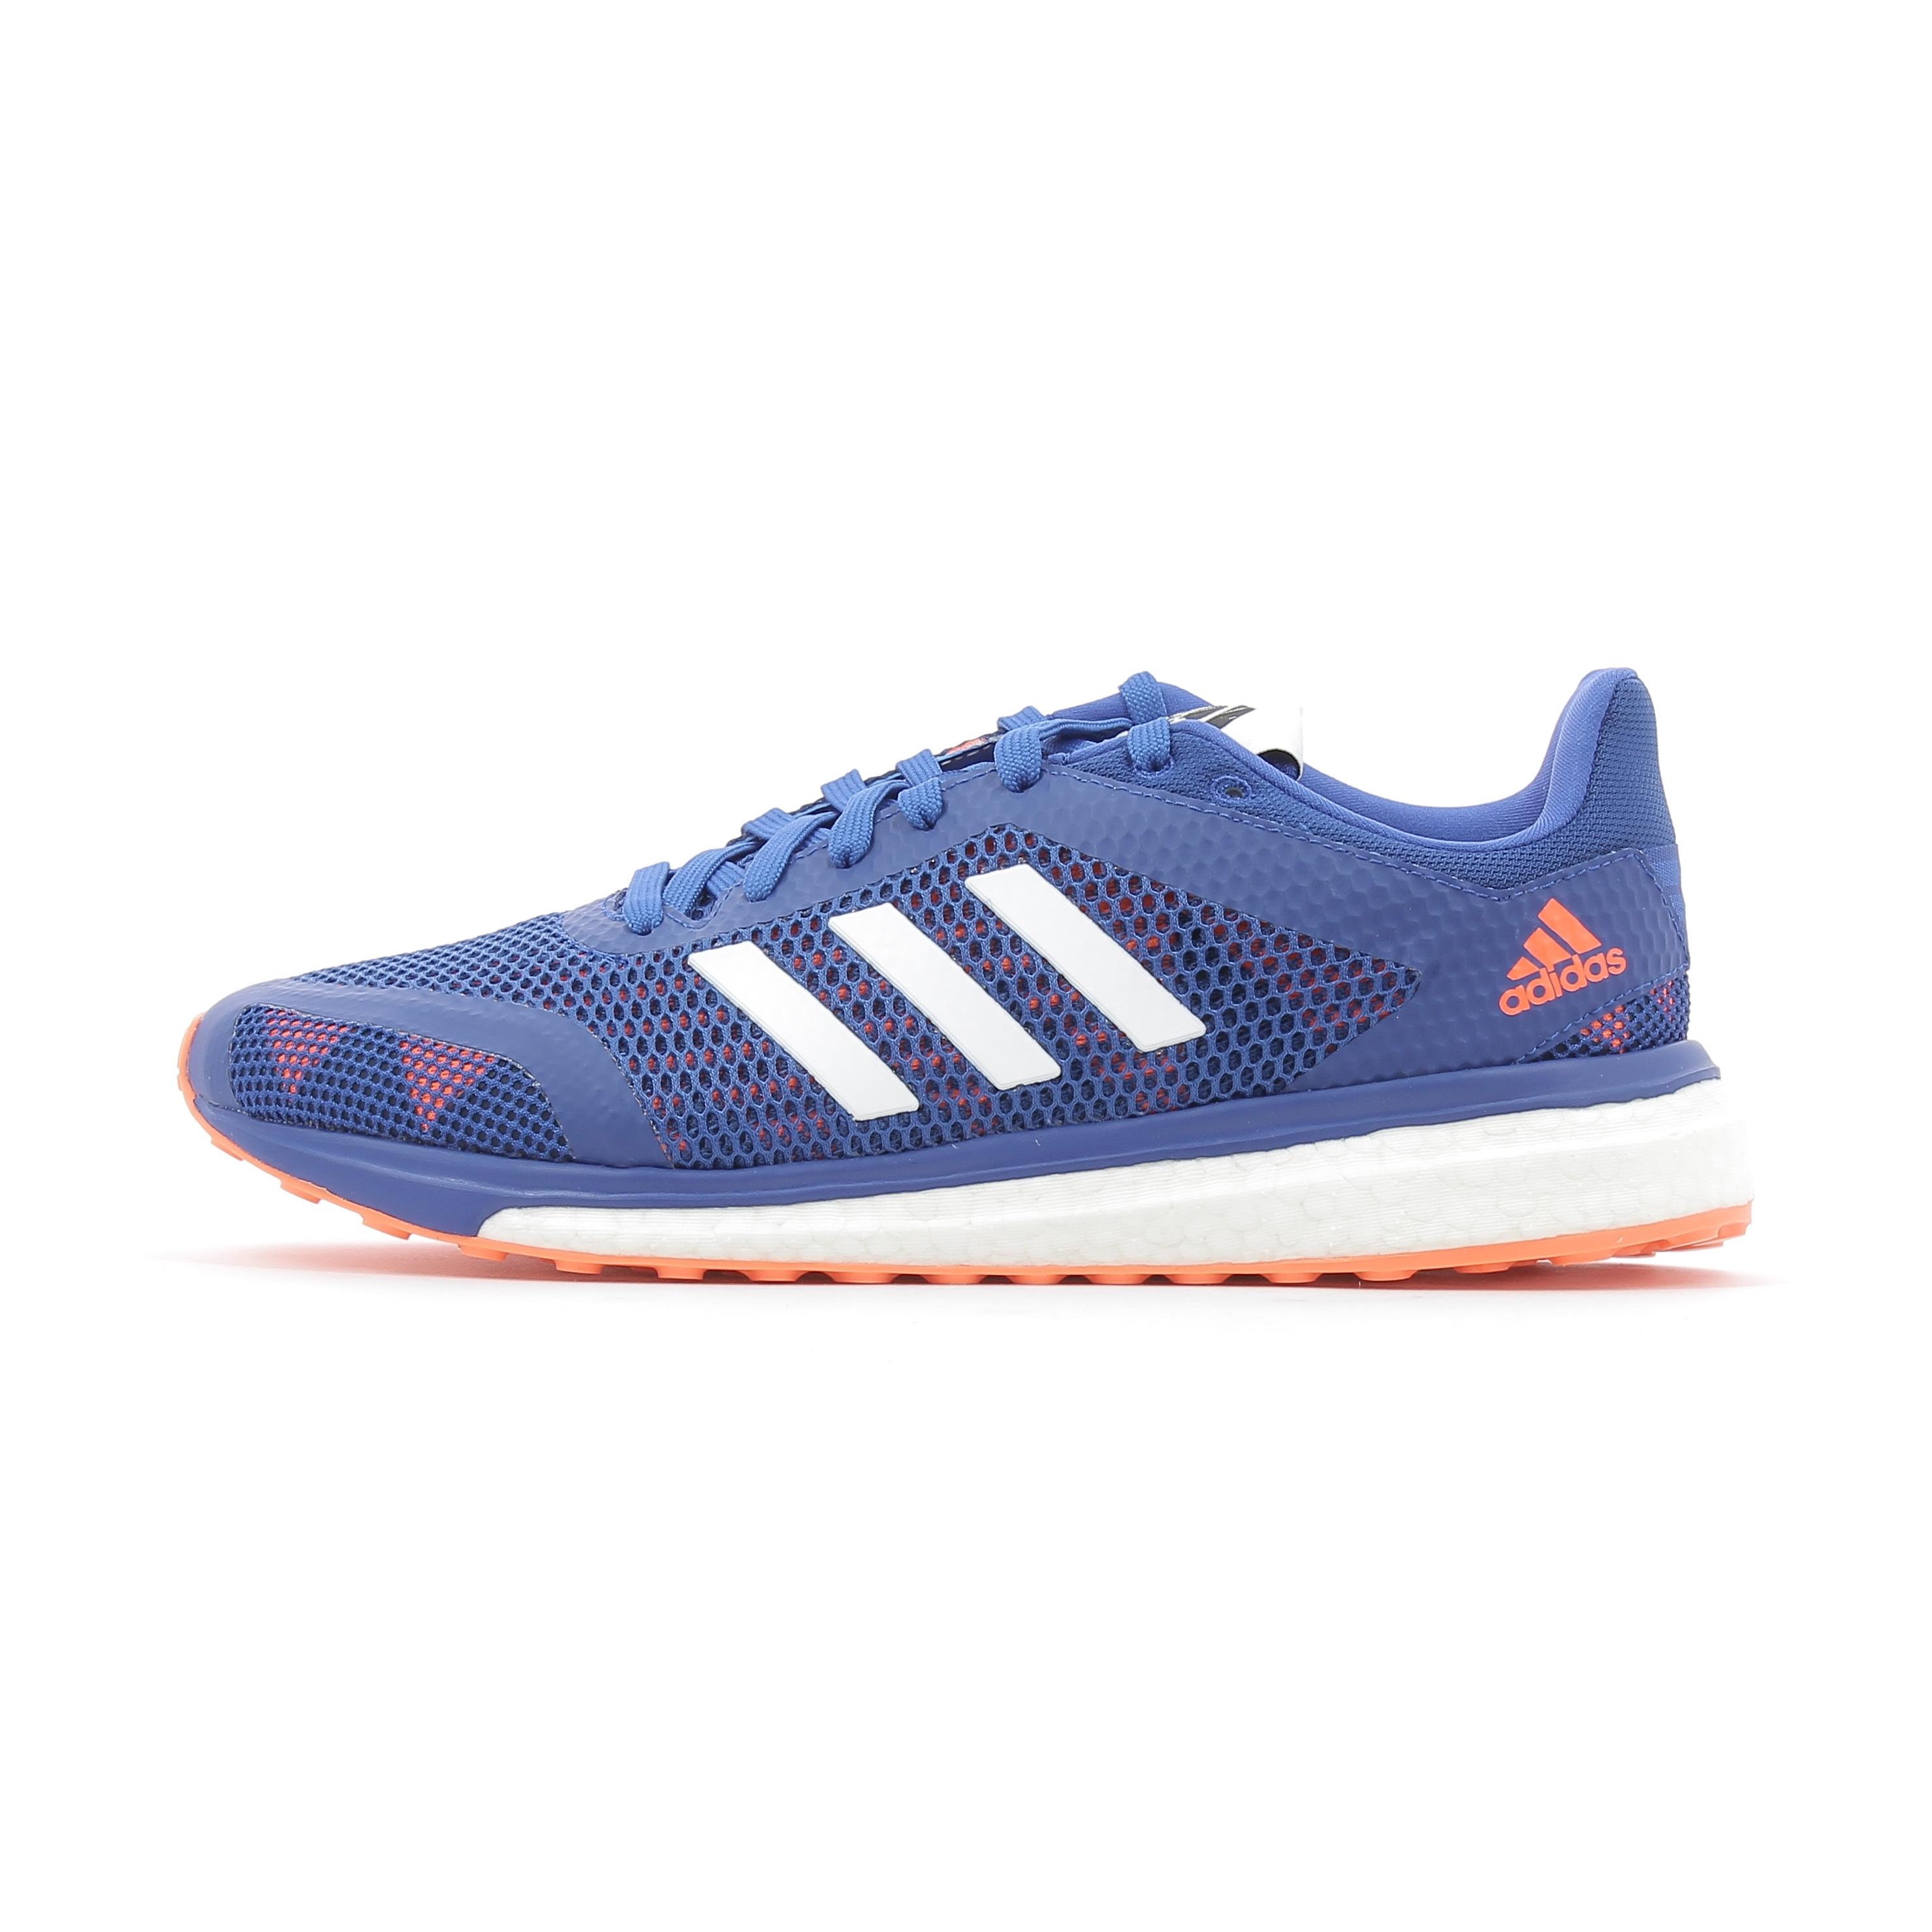 Response Bleu Chaussures Adidas De Running M Femme hrdxtsQC